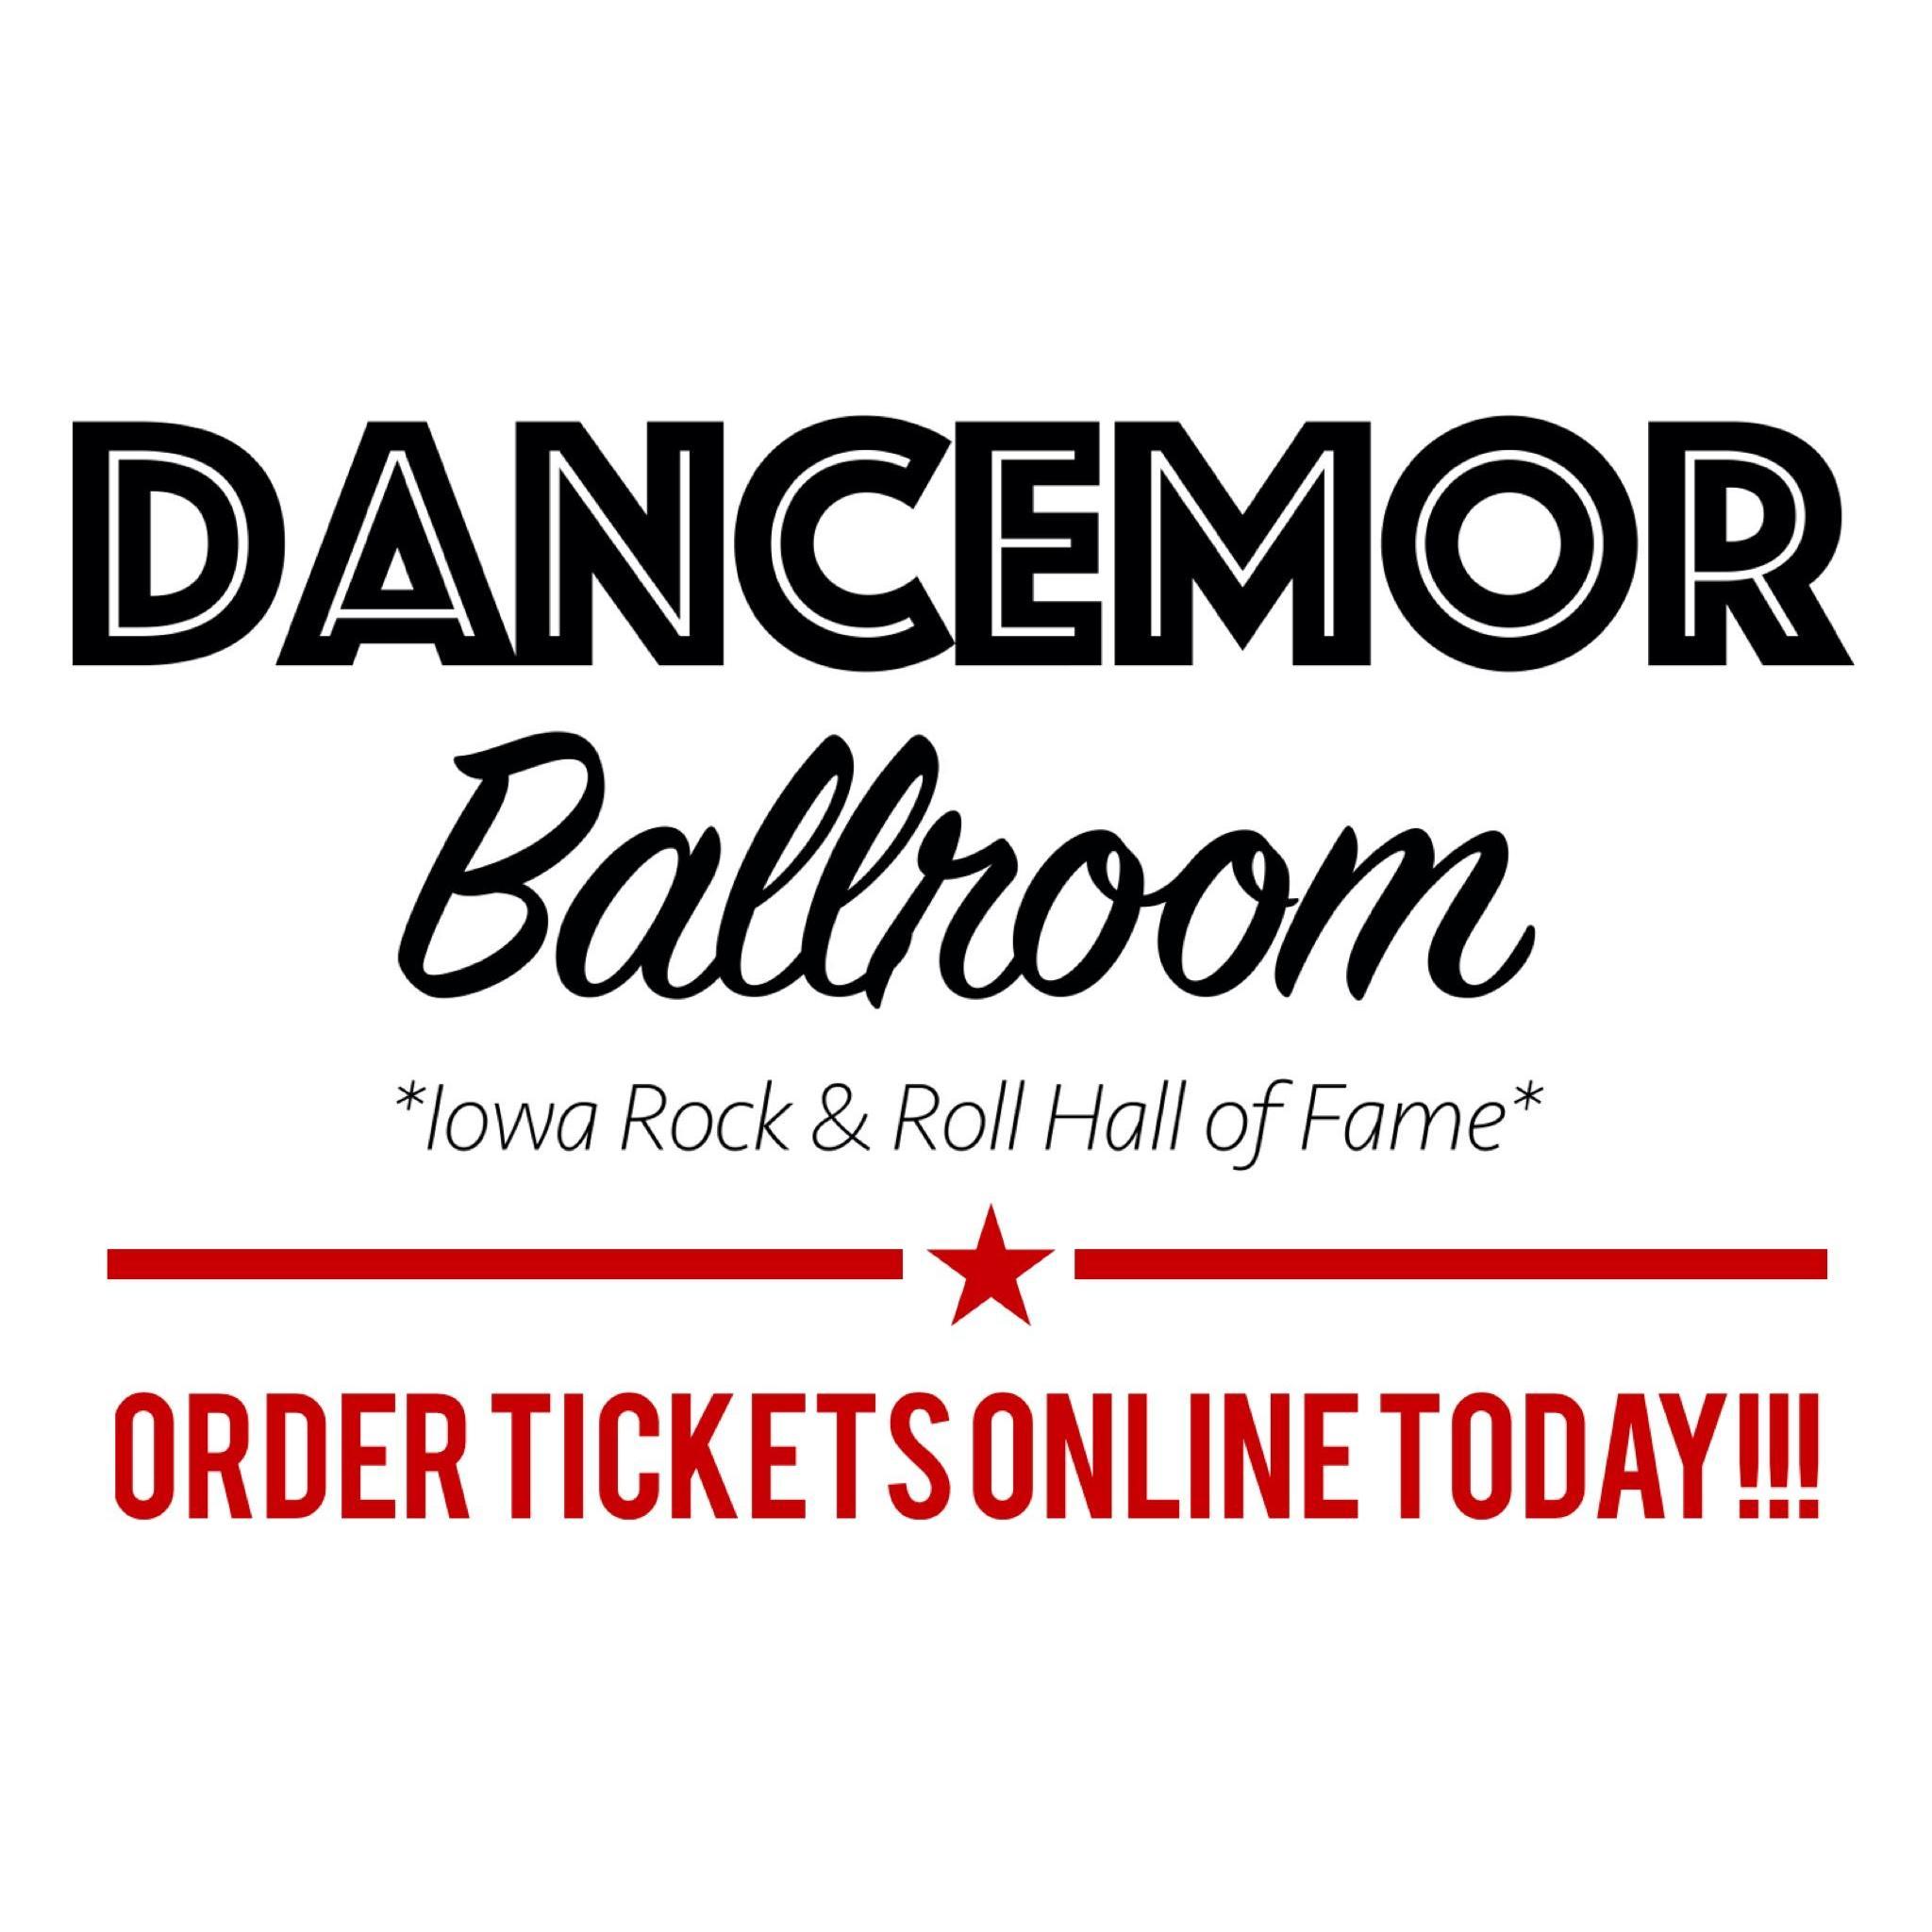 DanceMor Ballroom